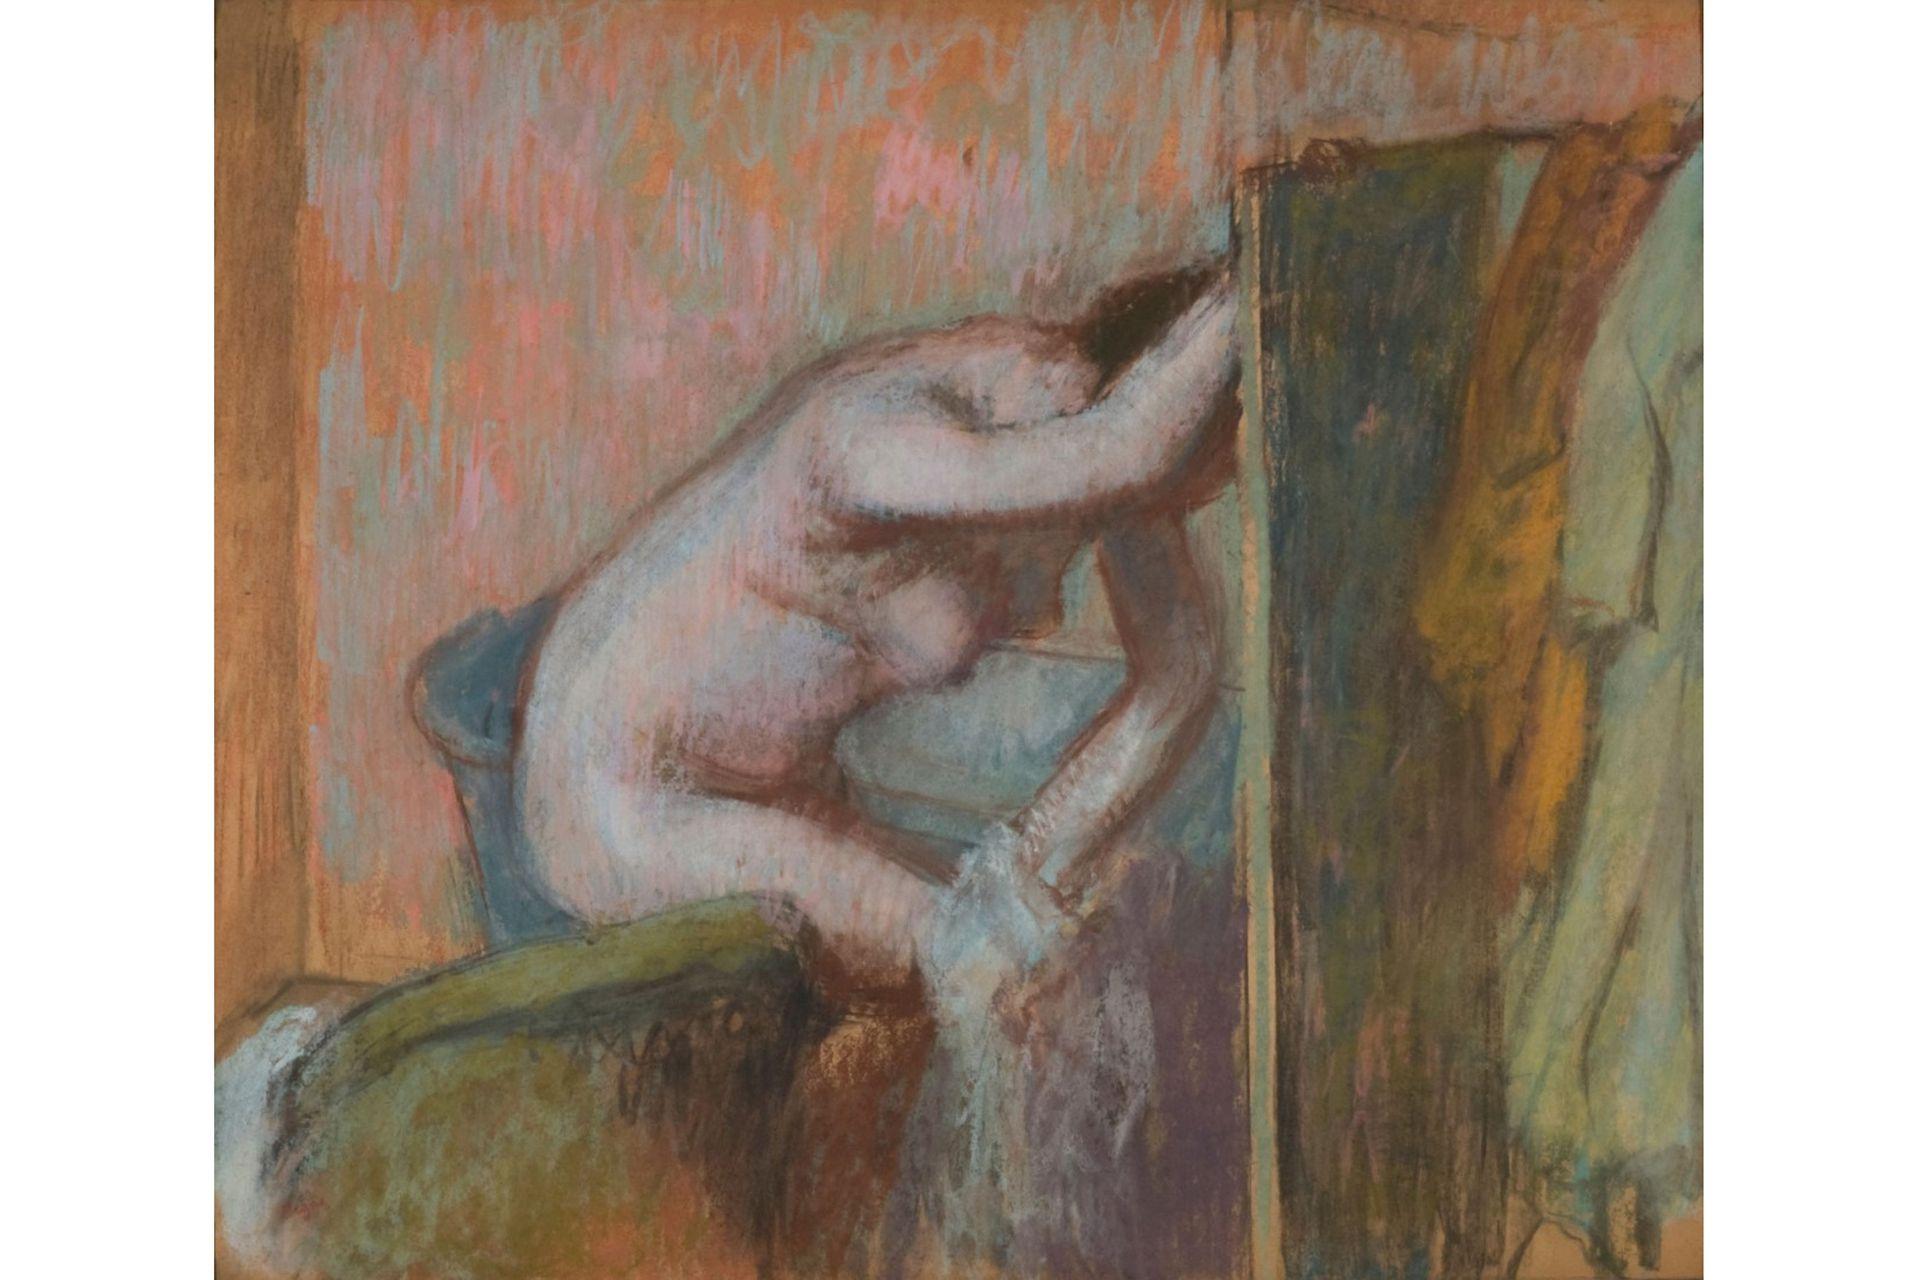 """""""La toilette apres le bain"""" (El arreglo después del baño), de Edgar Degas, 1888, pertenece a la colección del Museo Nacional de Bellas Artes desde 1933 cuando fue donada por Juan Girondo. Degas tenía una fascinación por lo """"momentáneo"""" que se manifiesta en esta serie de desnudos femeninos"""